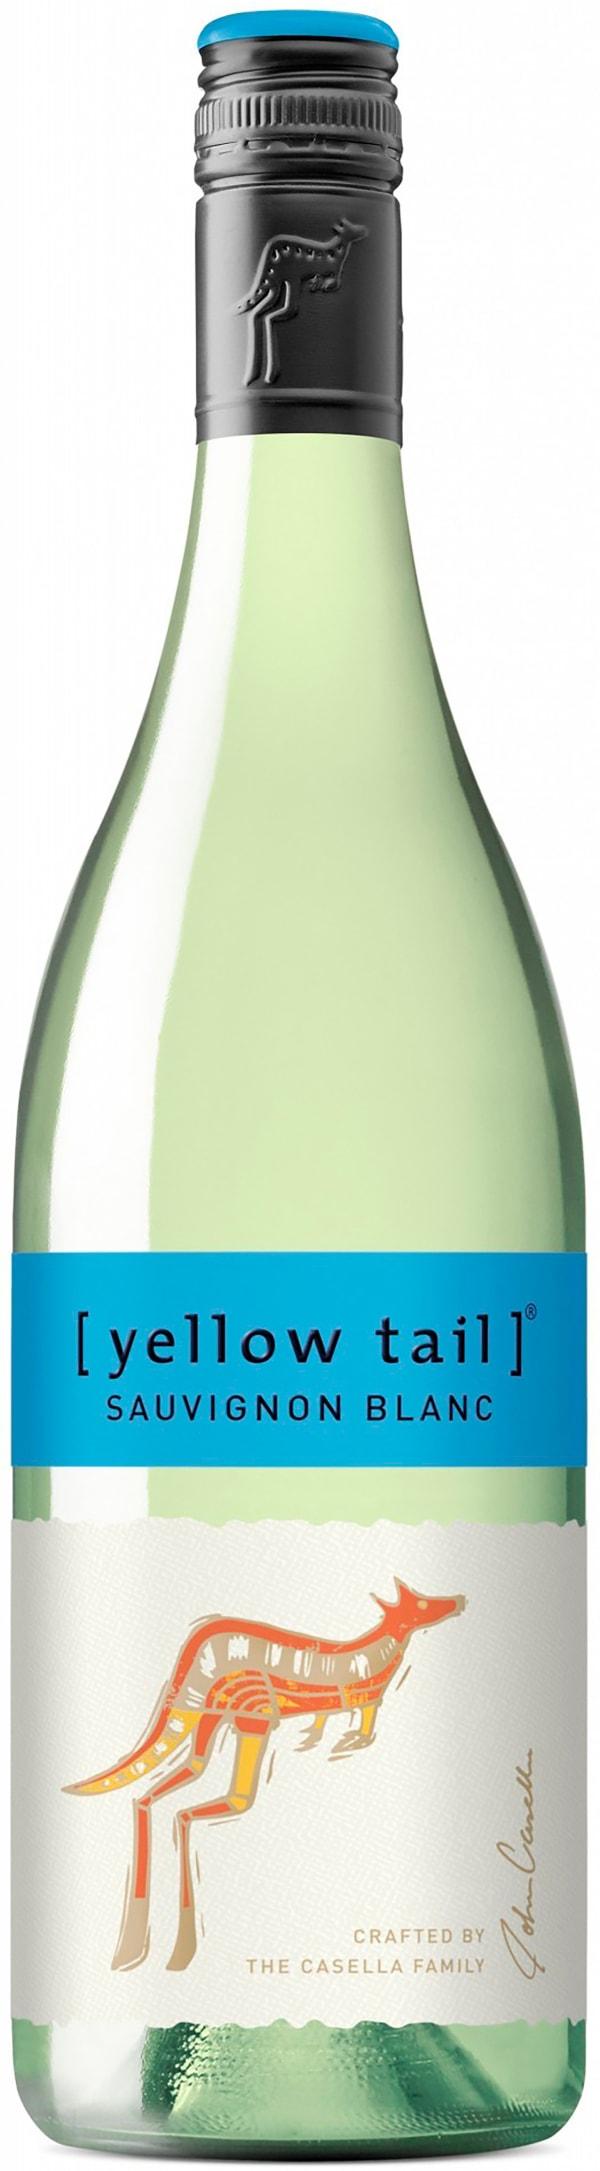 Yellow Tail Sauvignon Blanc 2018